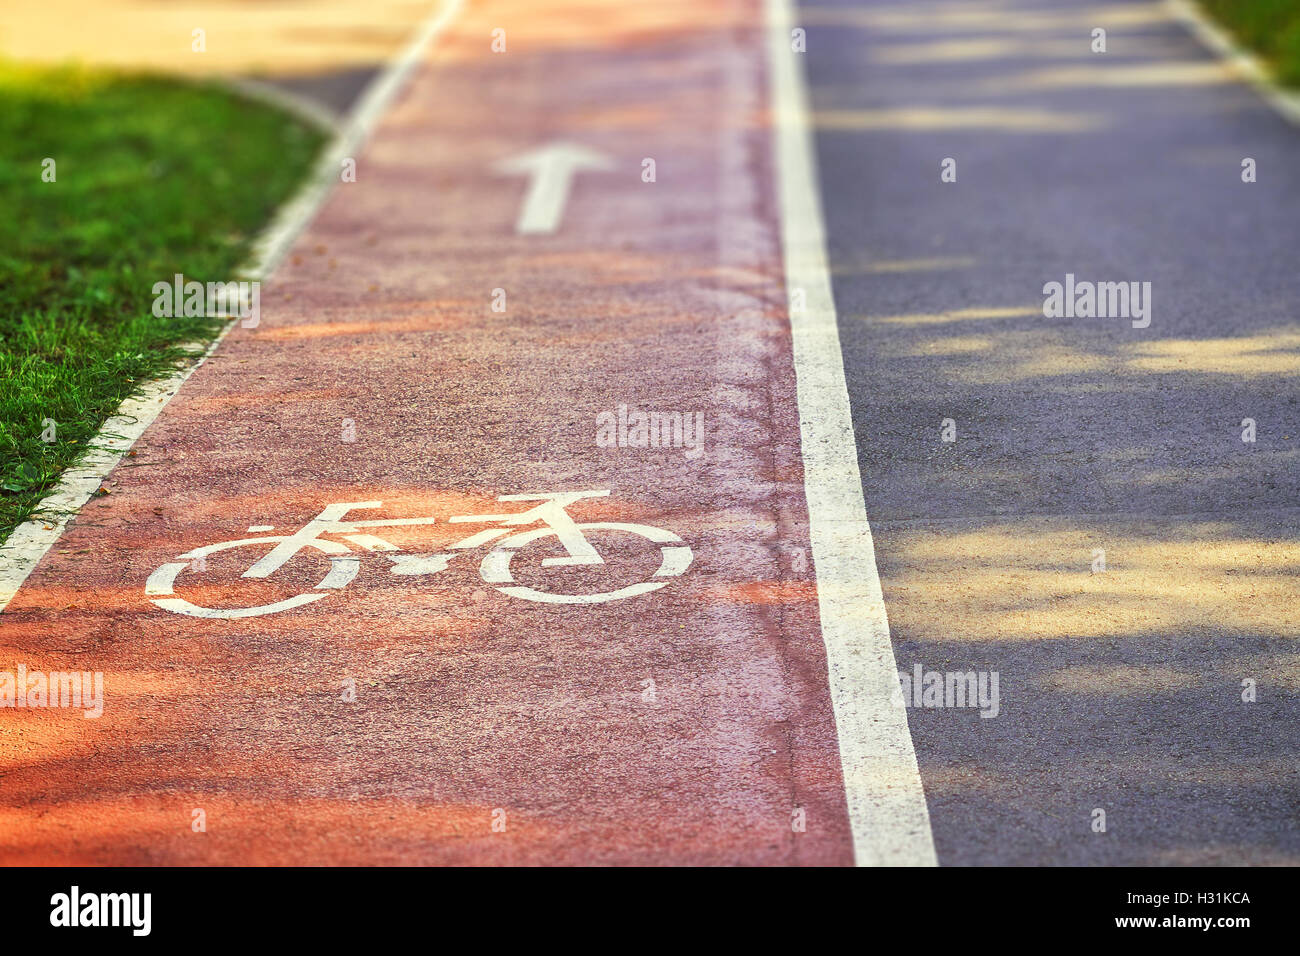 Rosso pista ciclabile sul marciapiede con dipinto di bianco in bicicletta e freccia segni. Spazio di copia Immagini Stock